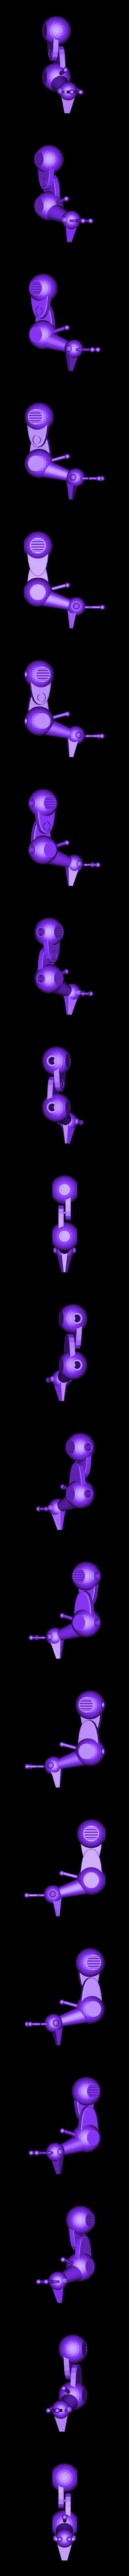 Body with Lever.stl Télécharger fichier STL gratuit Cerf robot contrôlé par les doigts • Objet pour impression 3D, Janis_Bruchwalski